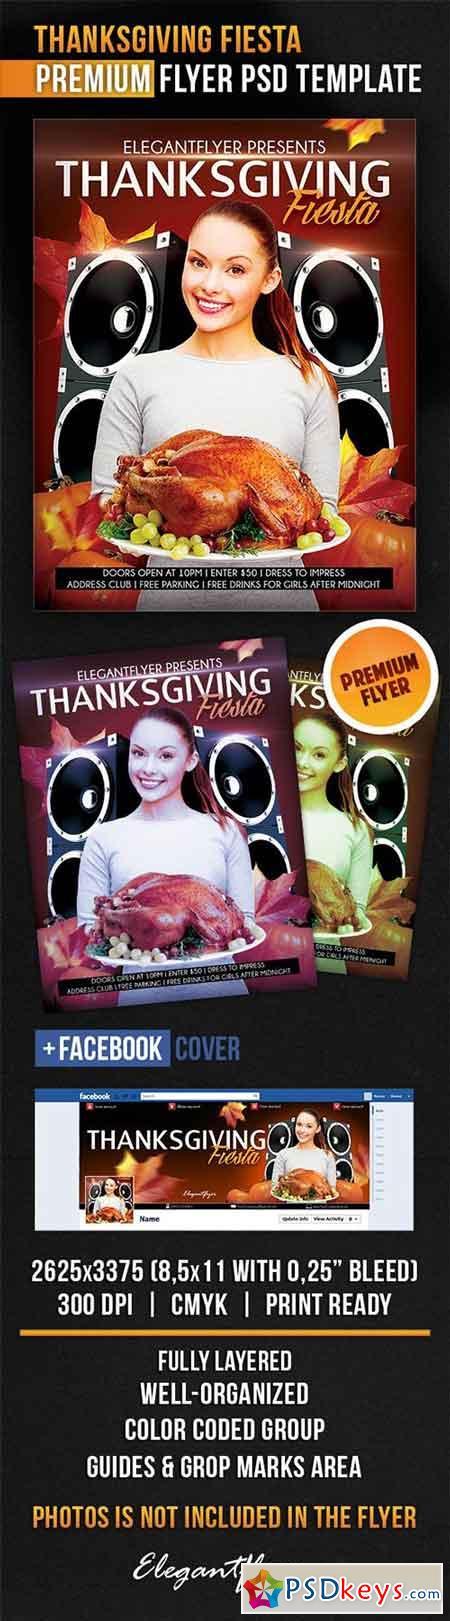 Thanksgiving Fiesta Flyer PSD Template + Facebook Cover